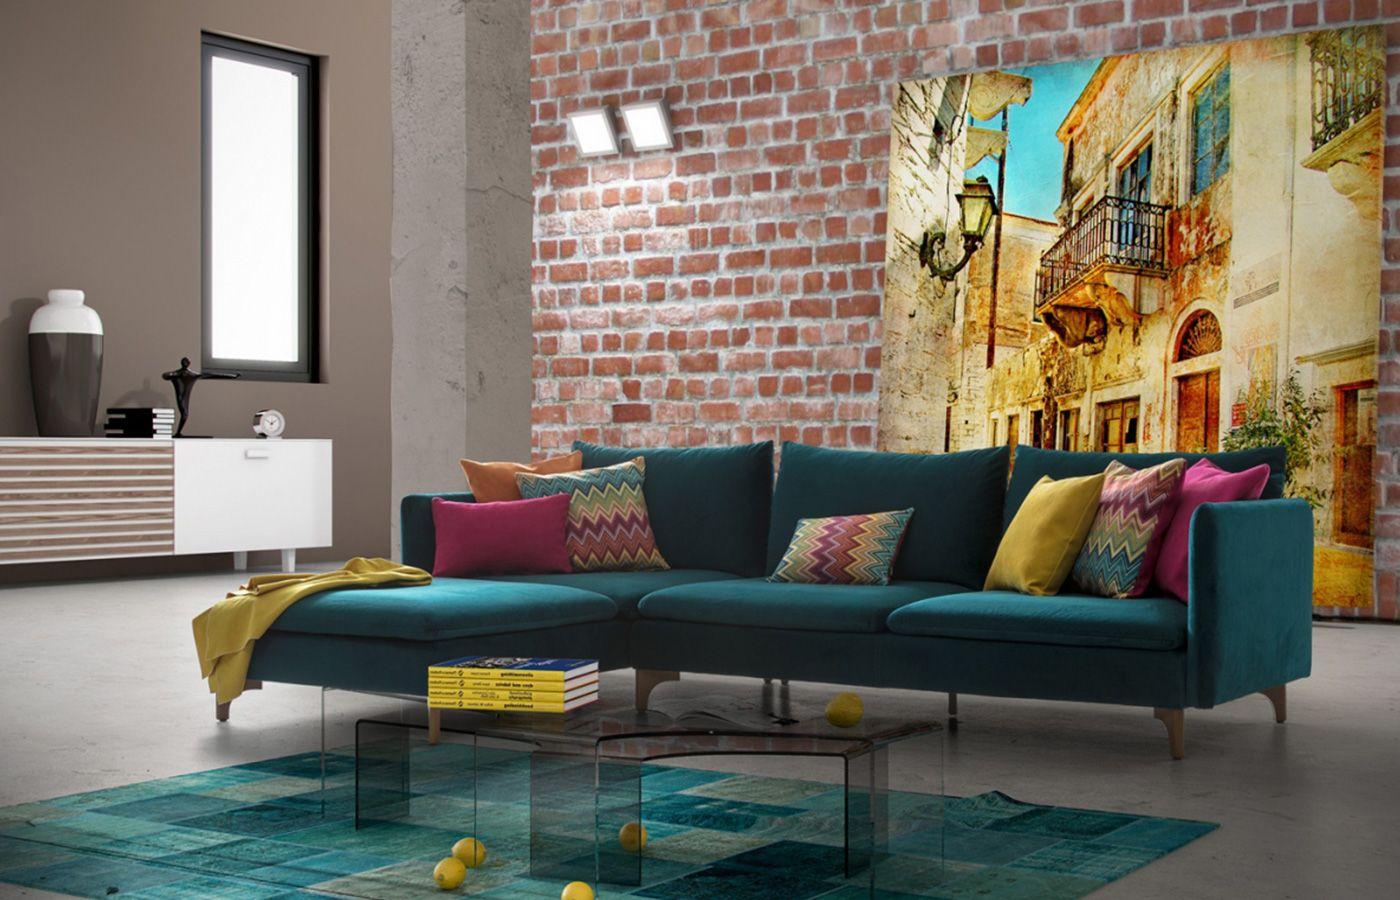 Saloni L Koltuk Modeli L Koltuk Mobilya Oturma Odasi Tasarimlari